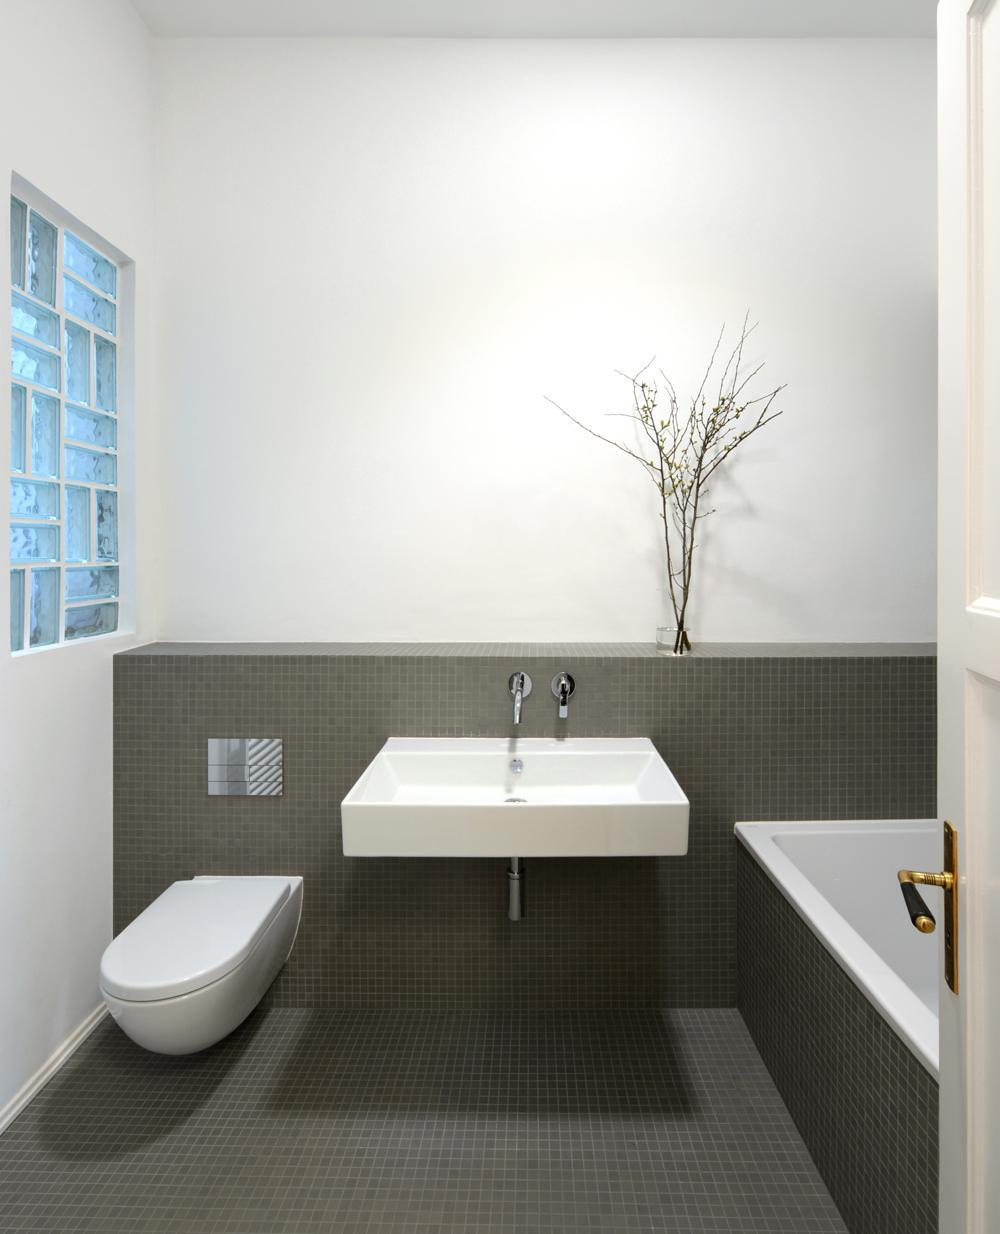 Bad - grau/weiß #bad #badezimmer #waschtisch ©Cynthi...